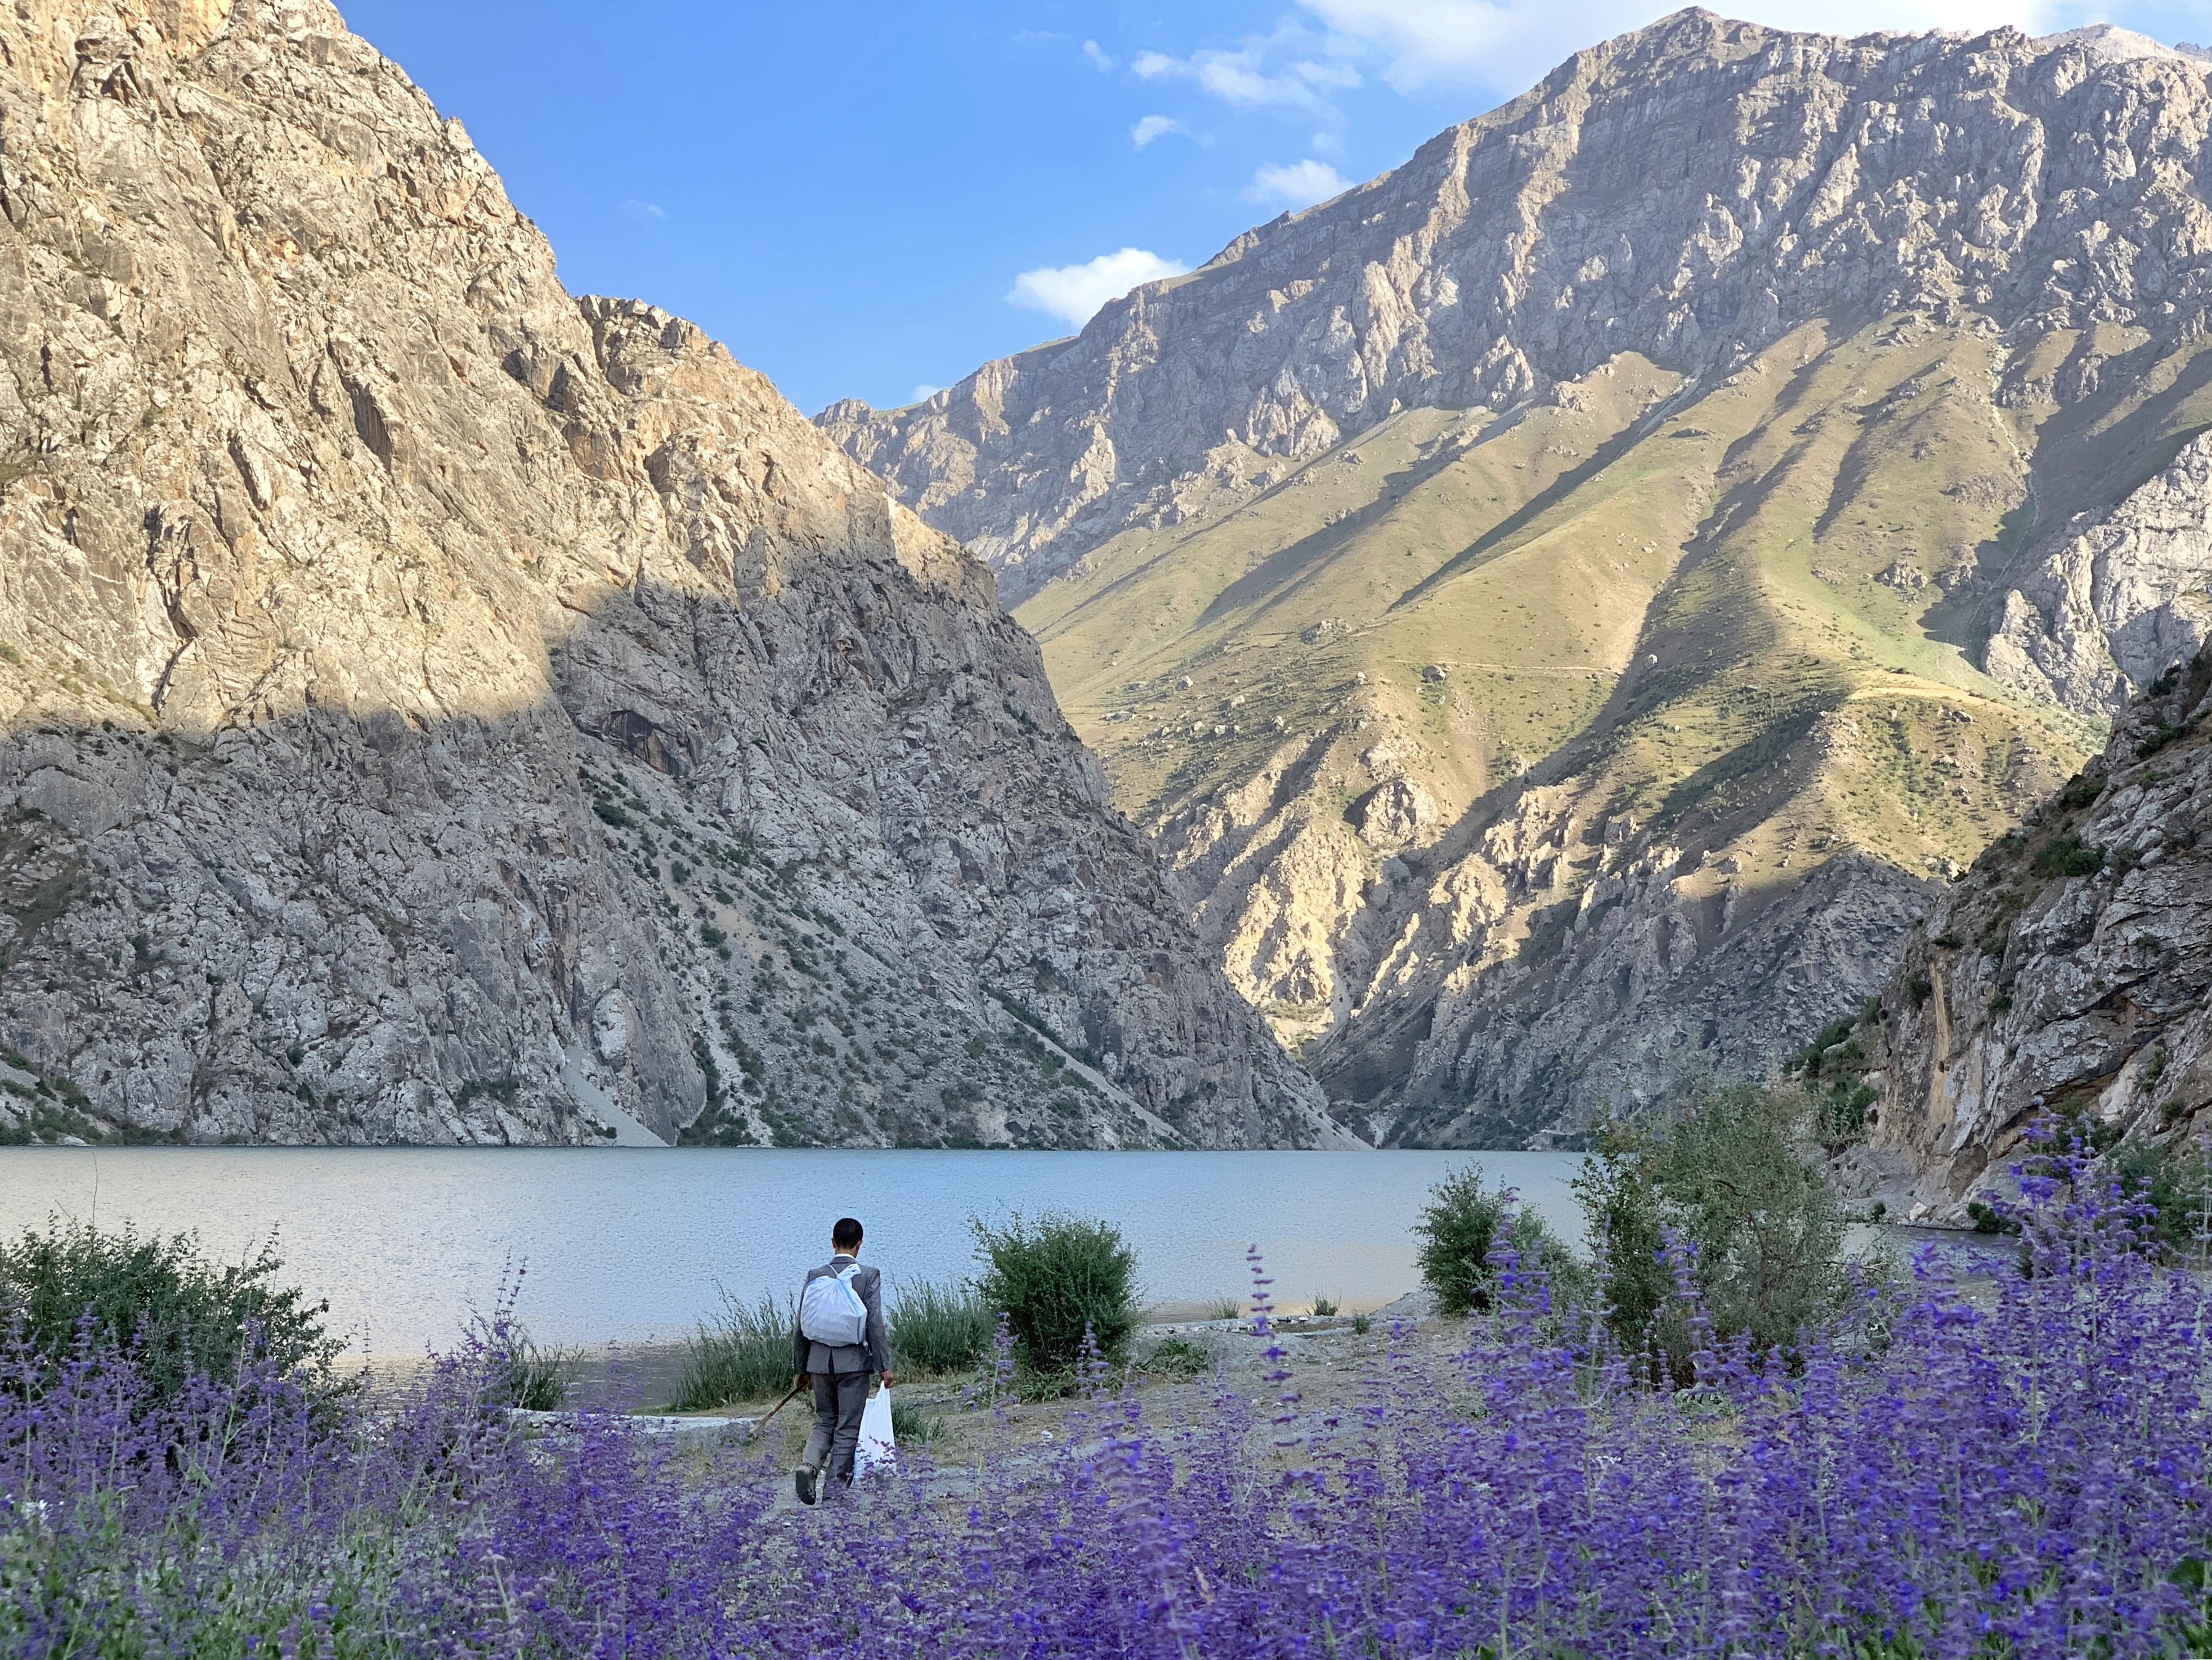 tajikistan travel, tajikistan landscape, visit tajikistan, tajikistan tourism